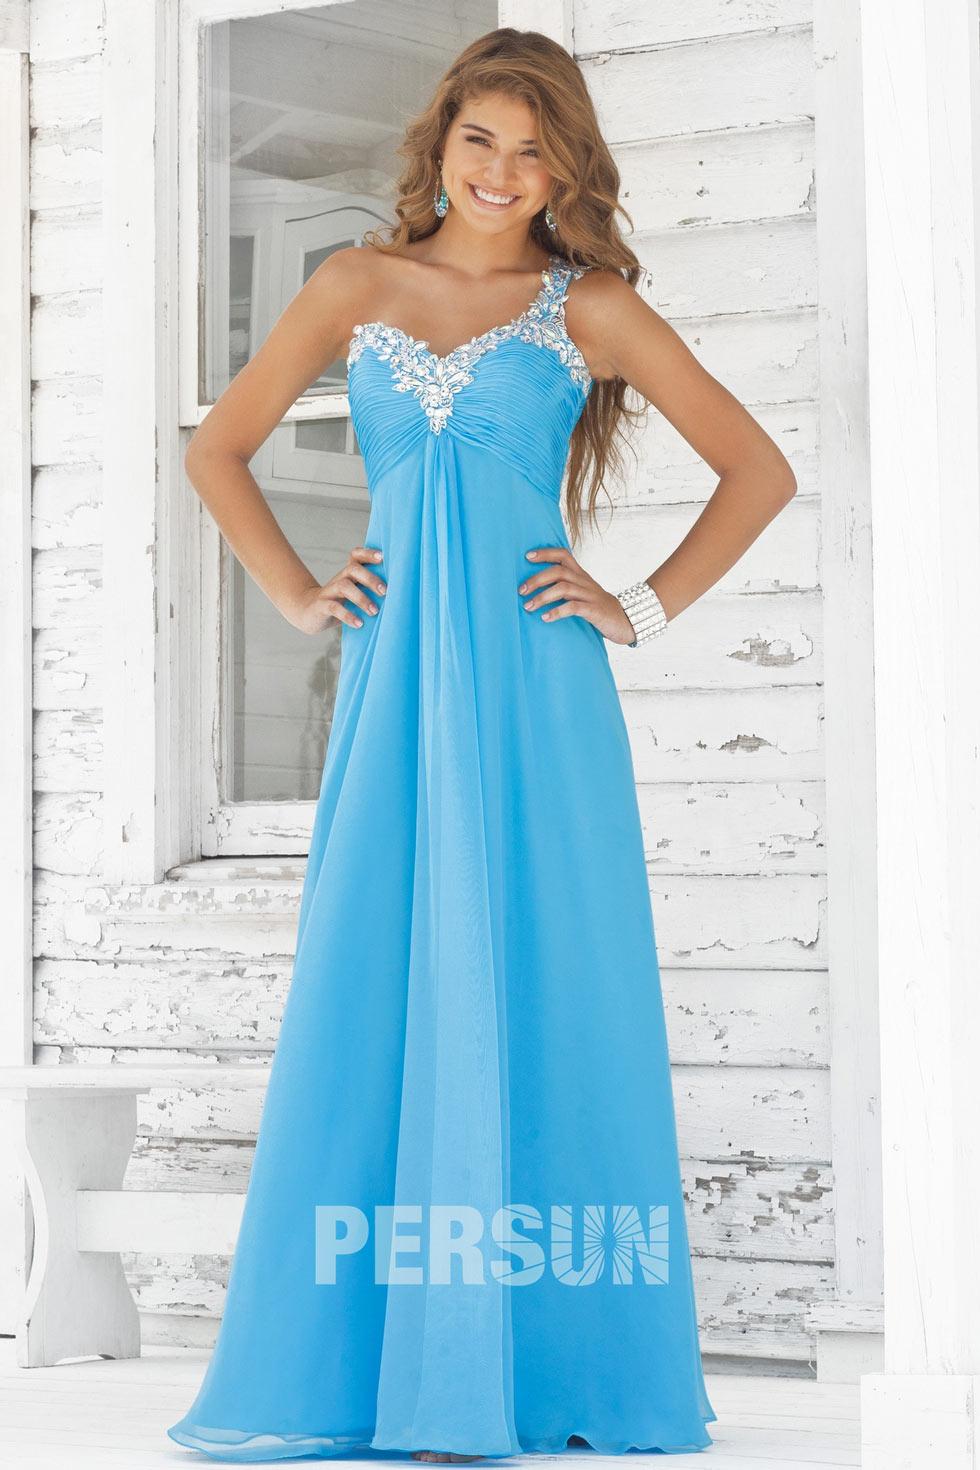 robe bleu empire avec une seule épaule